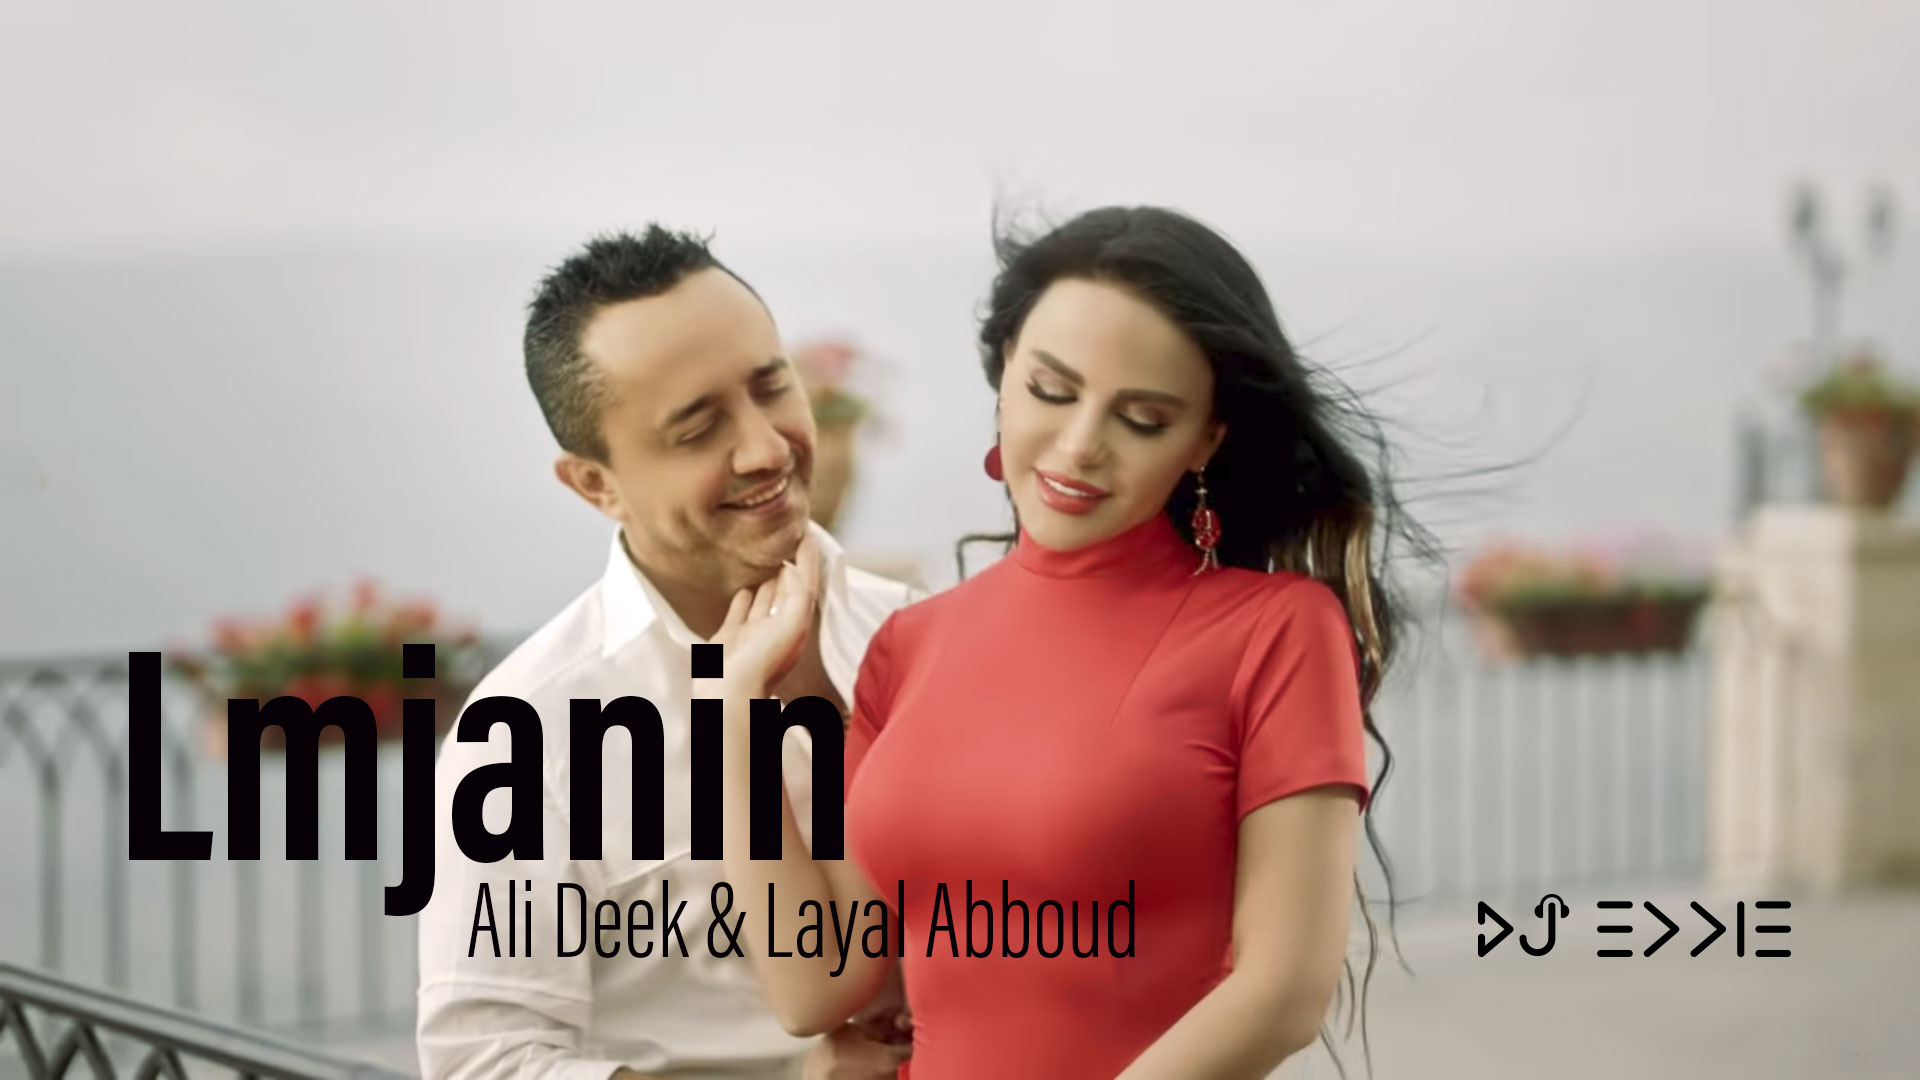 علي الديك & ليال عبود - لمجانين Ali Deek & Layal Abboud - Lmjanin